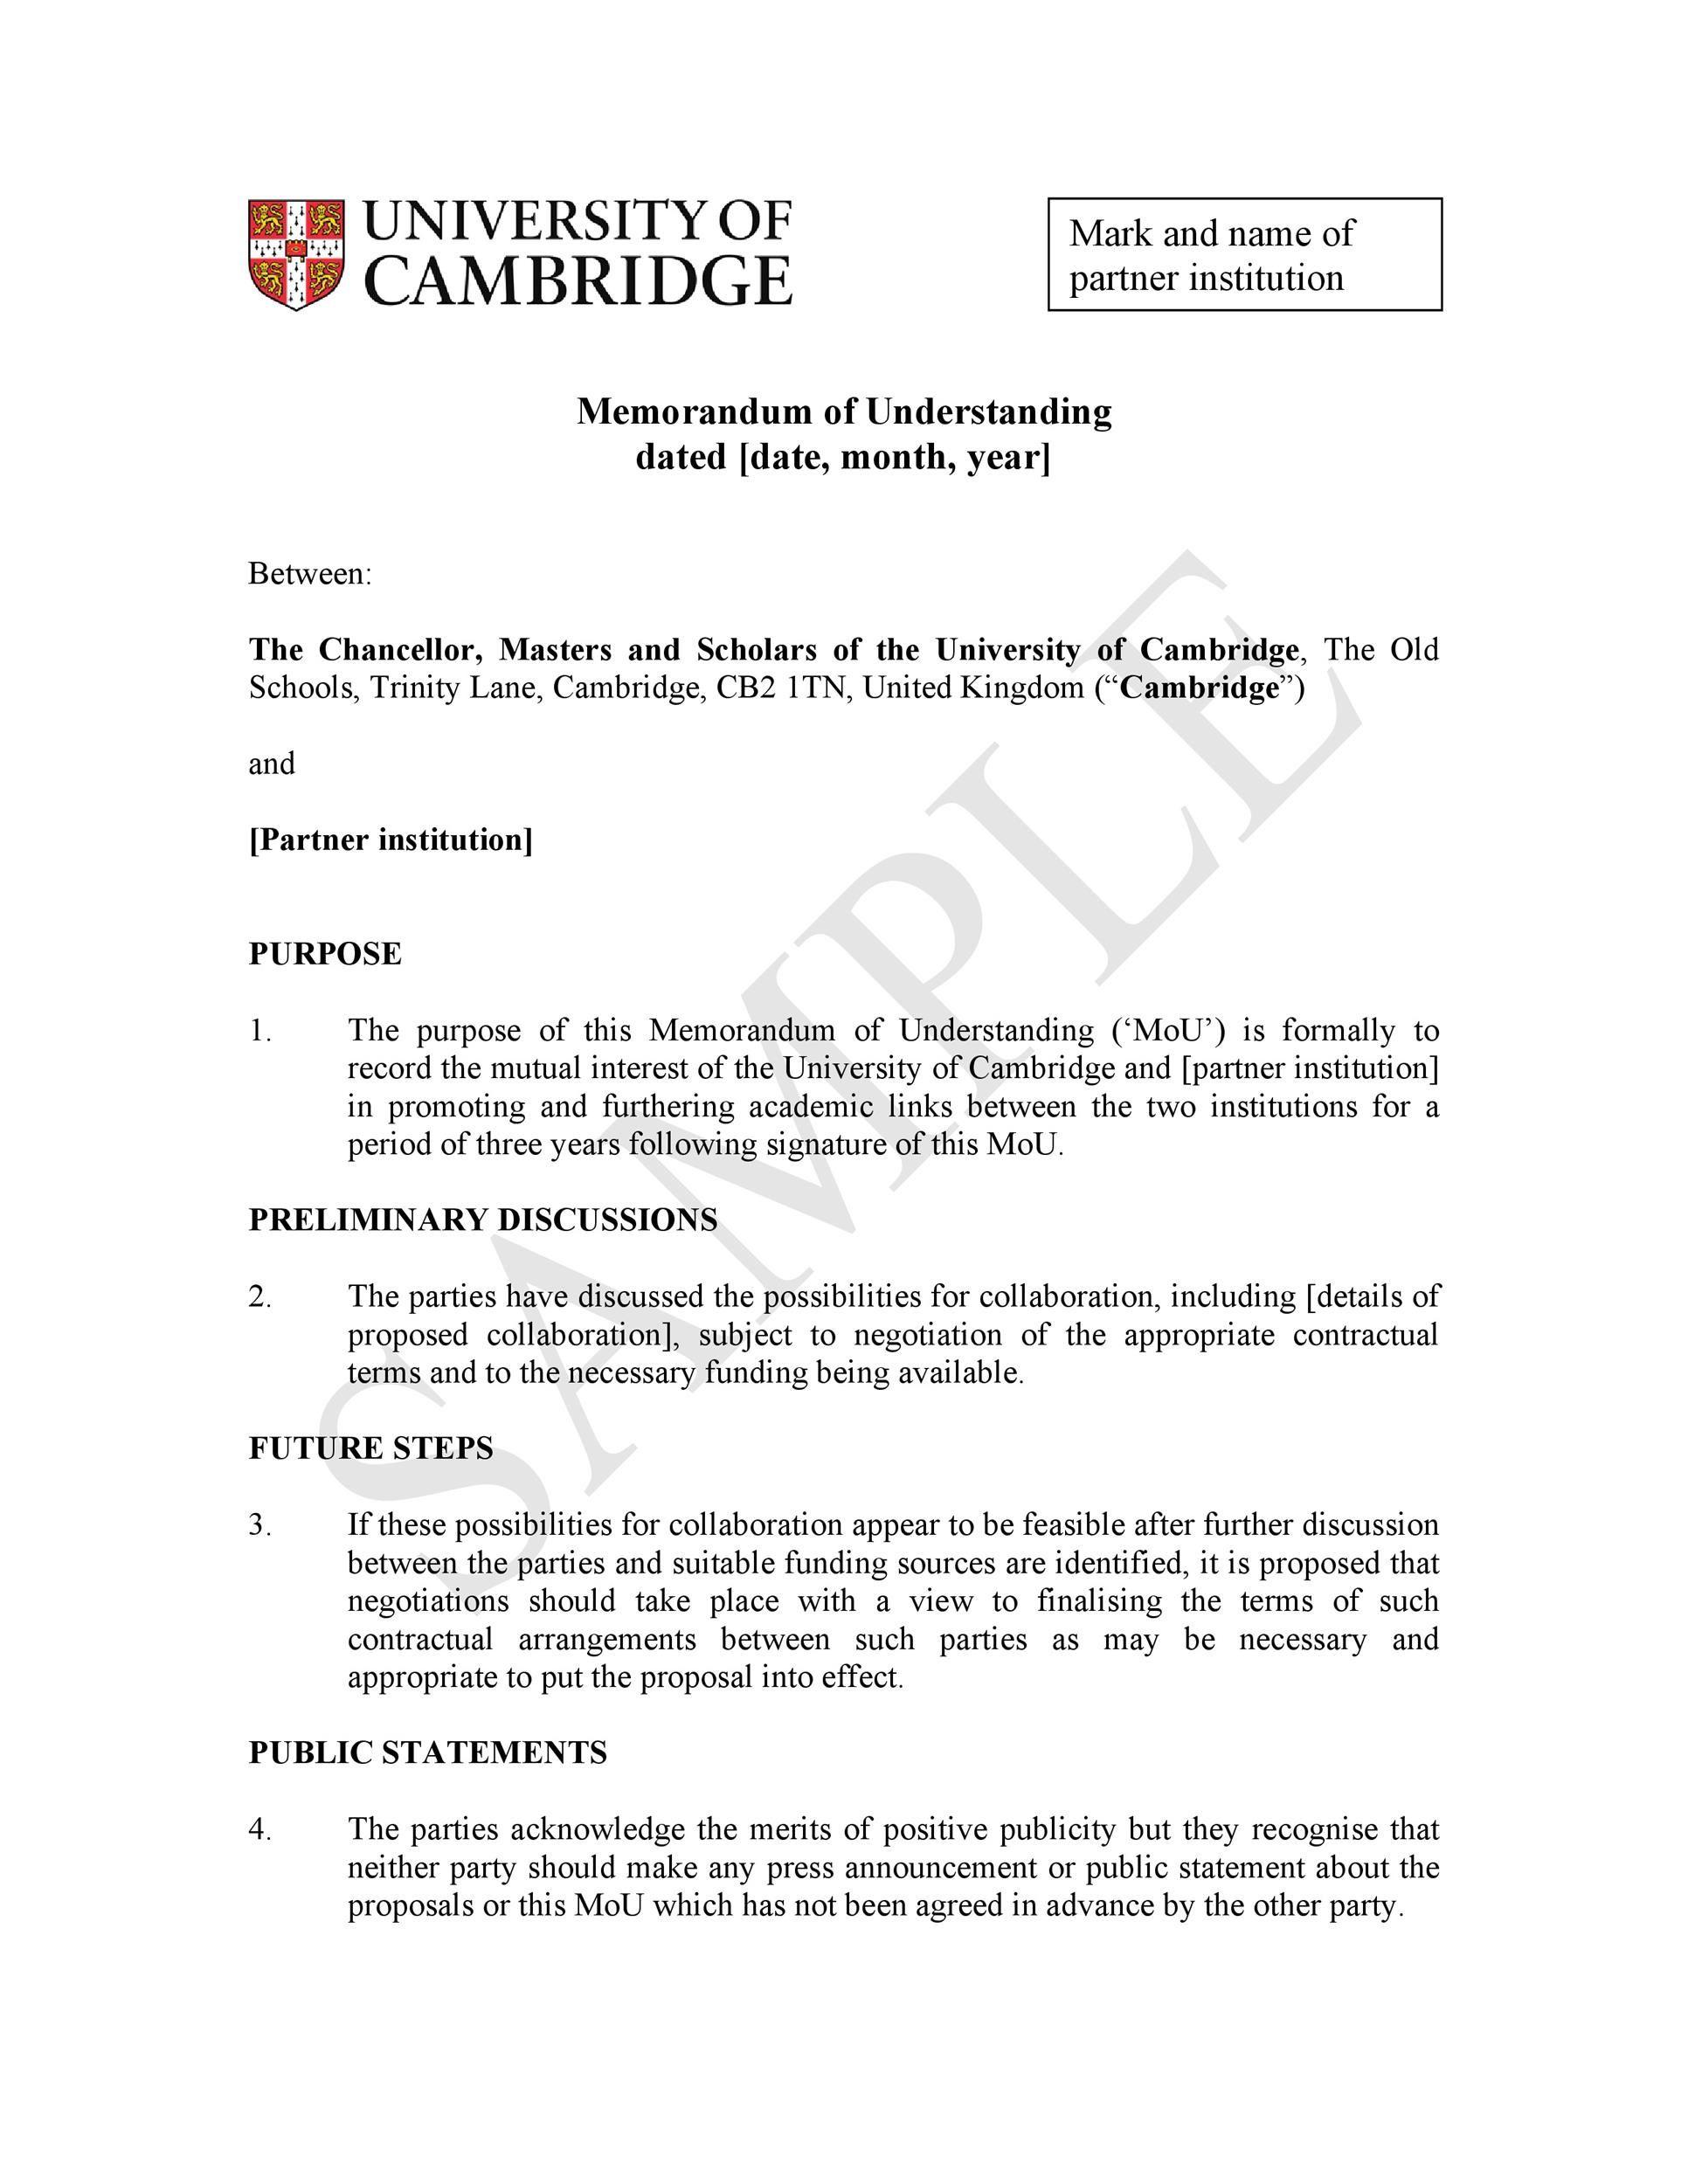 005 Striking Letter Of Understanding Sample Format Highest Clarity Full